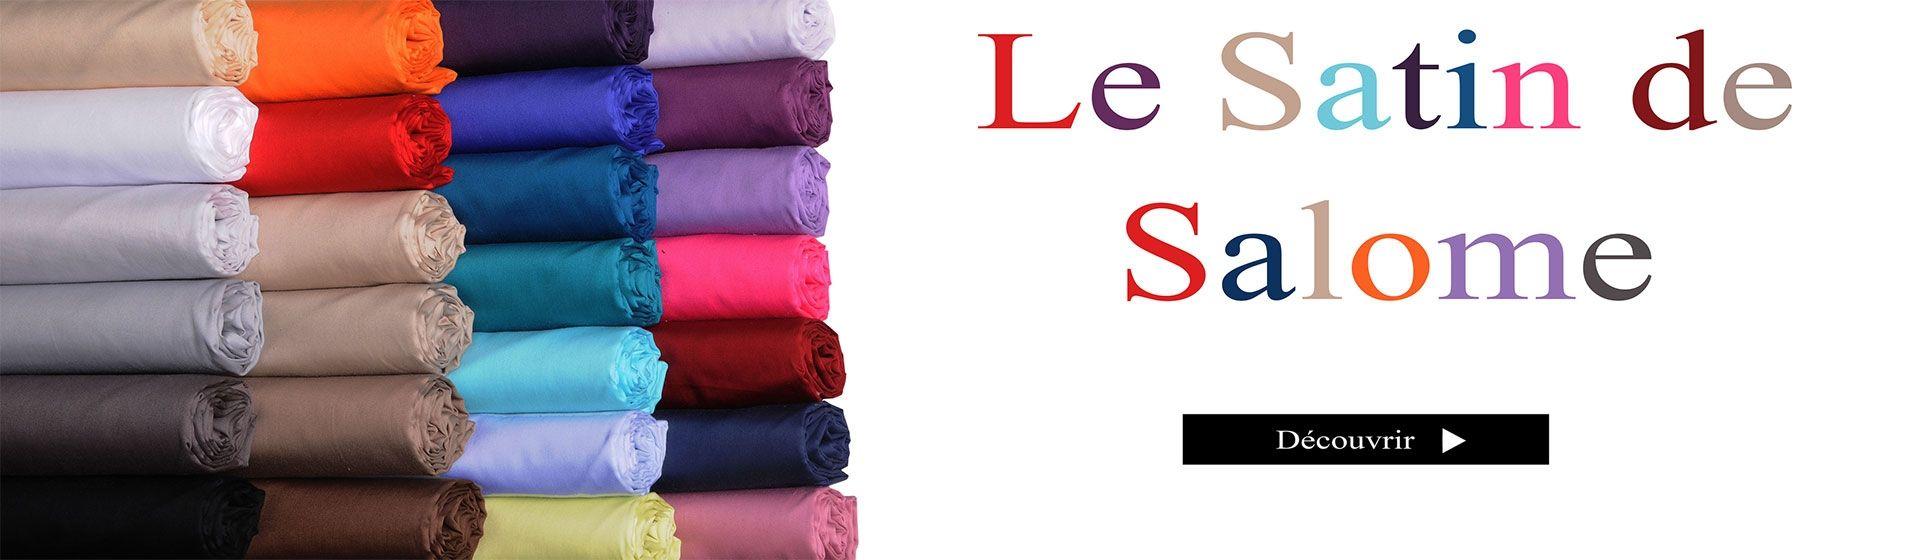 Découvrez la collection de drap housse Salomé Prestige